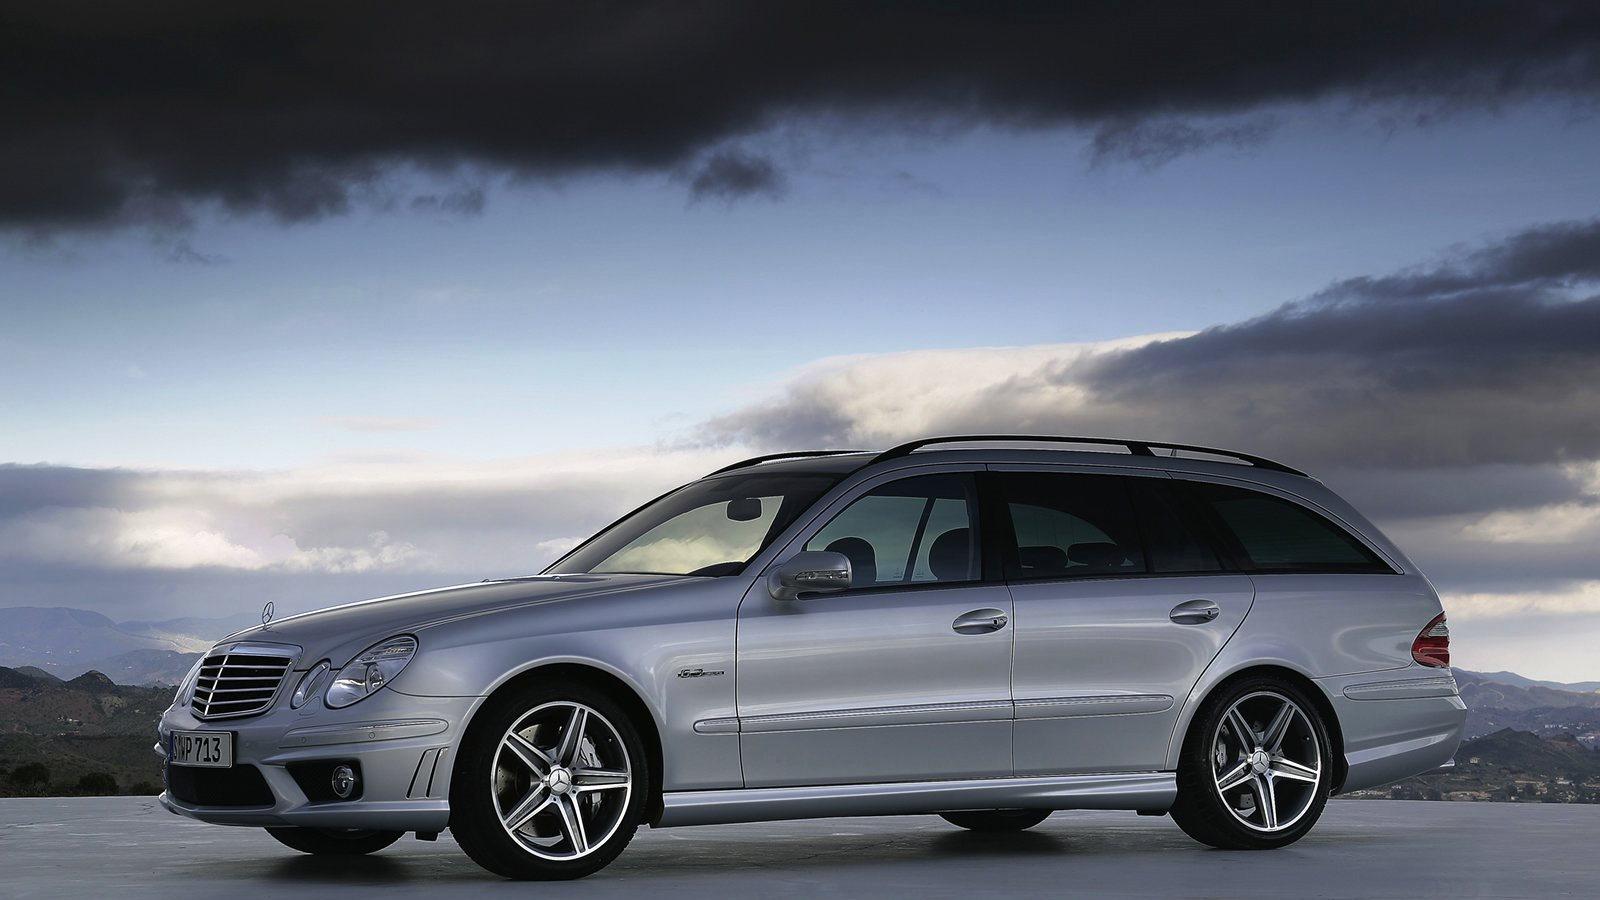 Mercedes-Benz W211 AMG E55/E63 Wagon